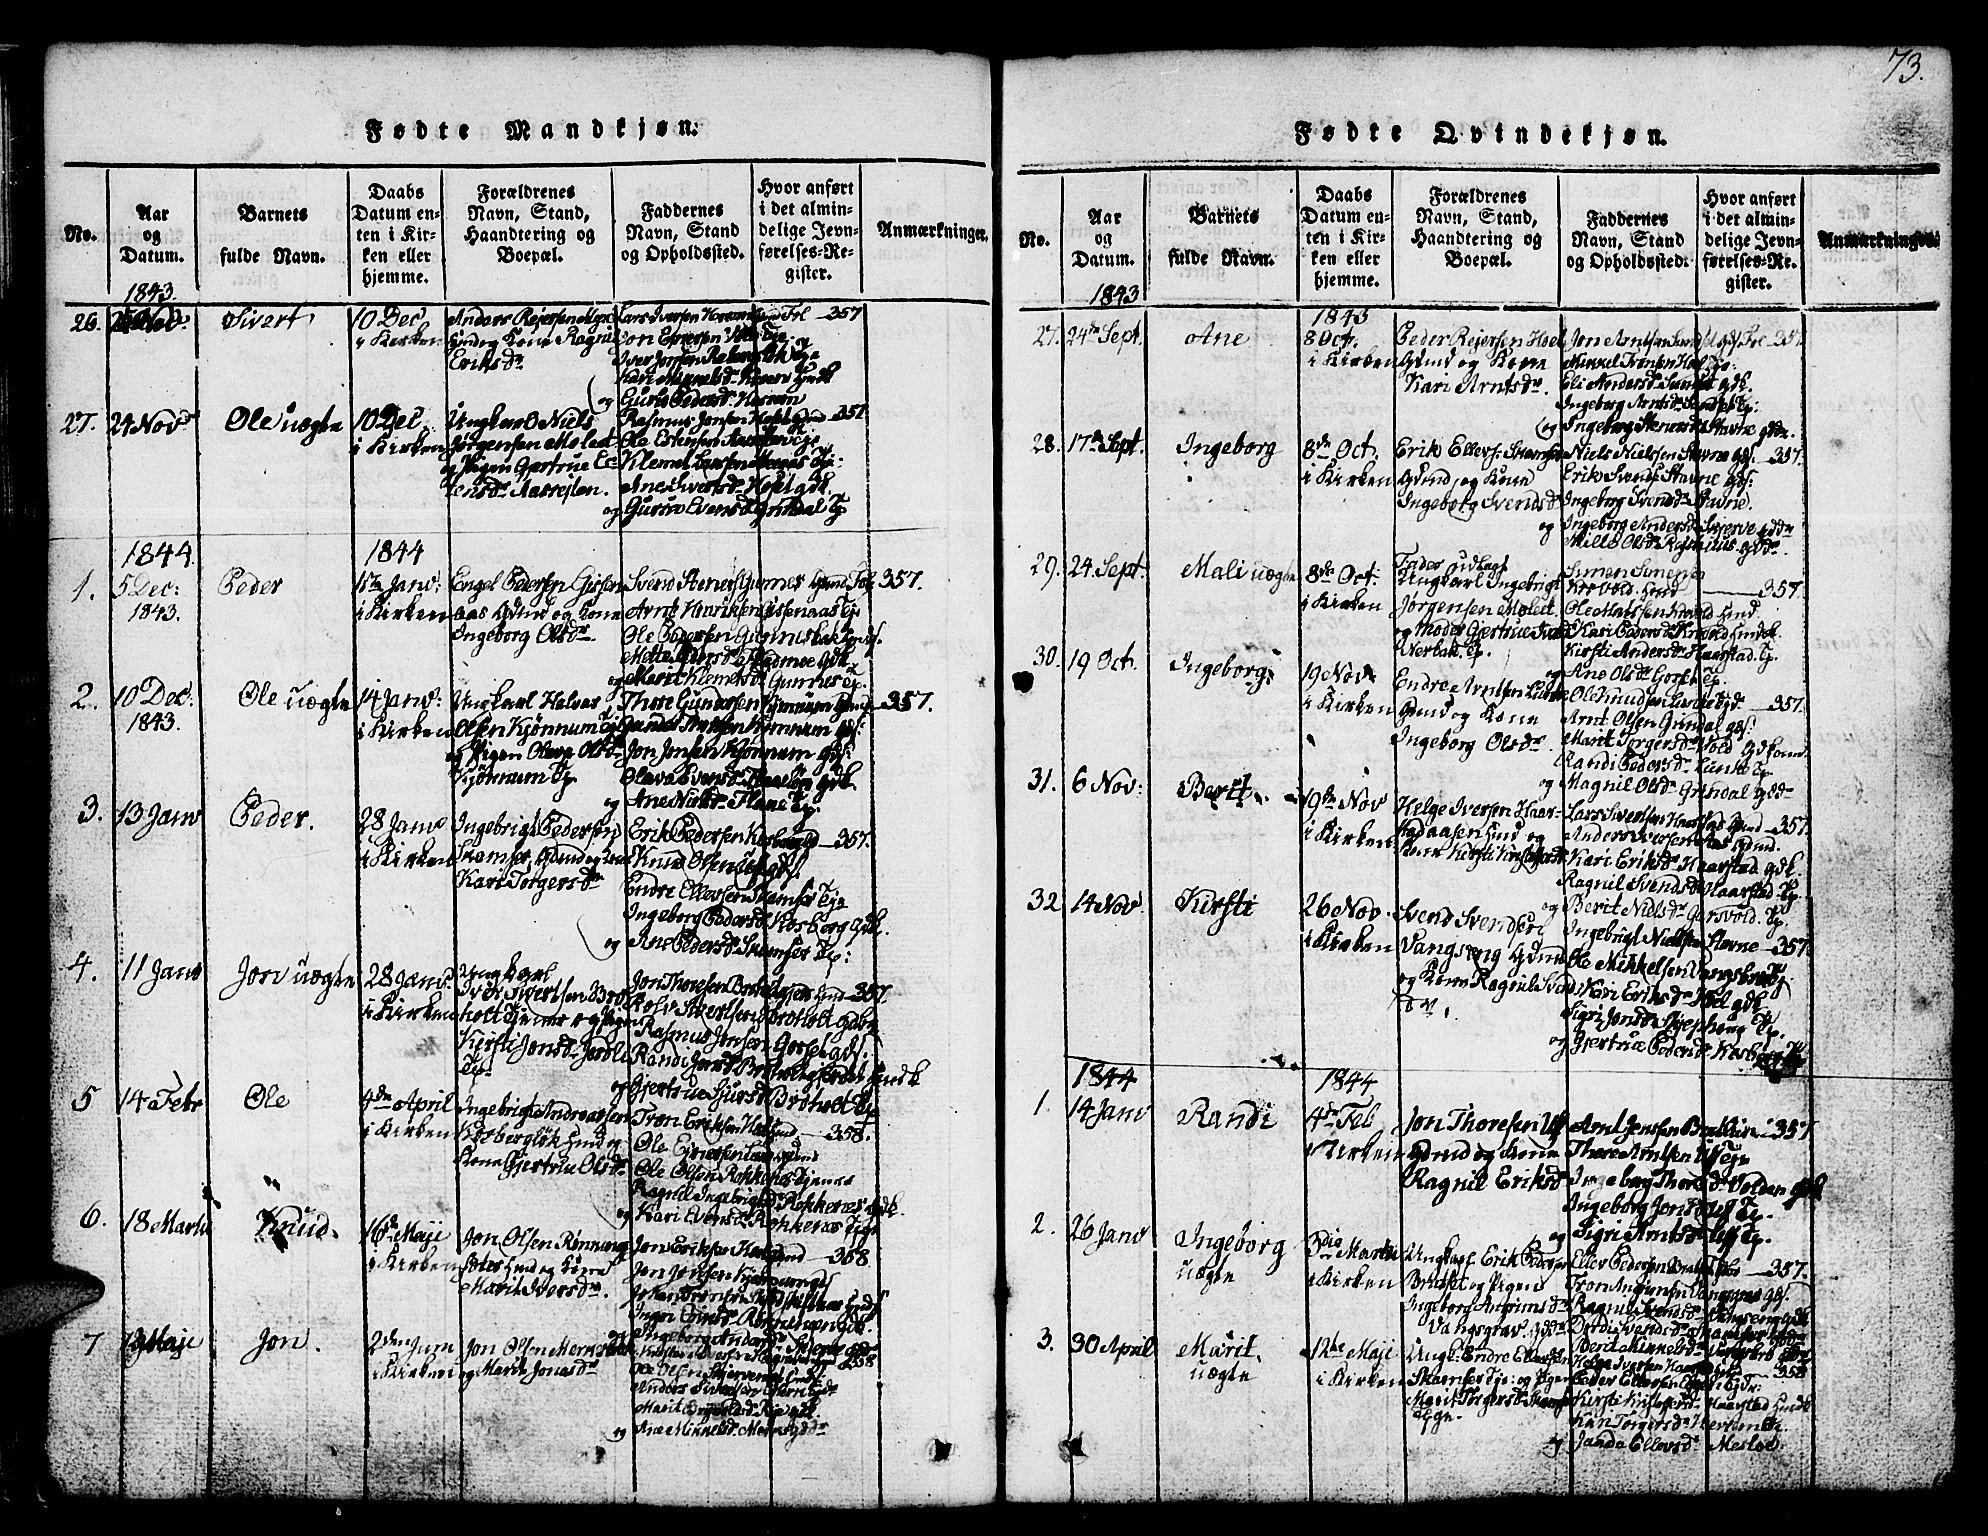 SAT, Ministerialprotokoller, klokkerbøker og fødselsregistre - Sør-Trøndelag, 674/L0874: Klokkerbok nr. 674C01, 1816-1860, s. 73